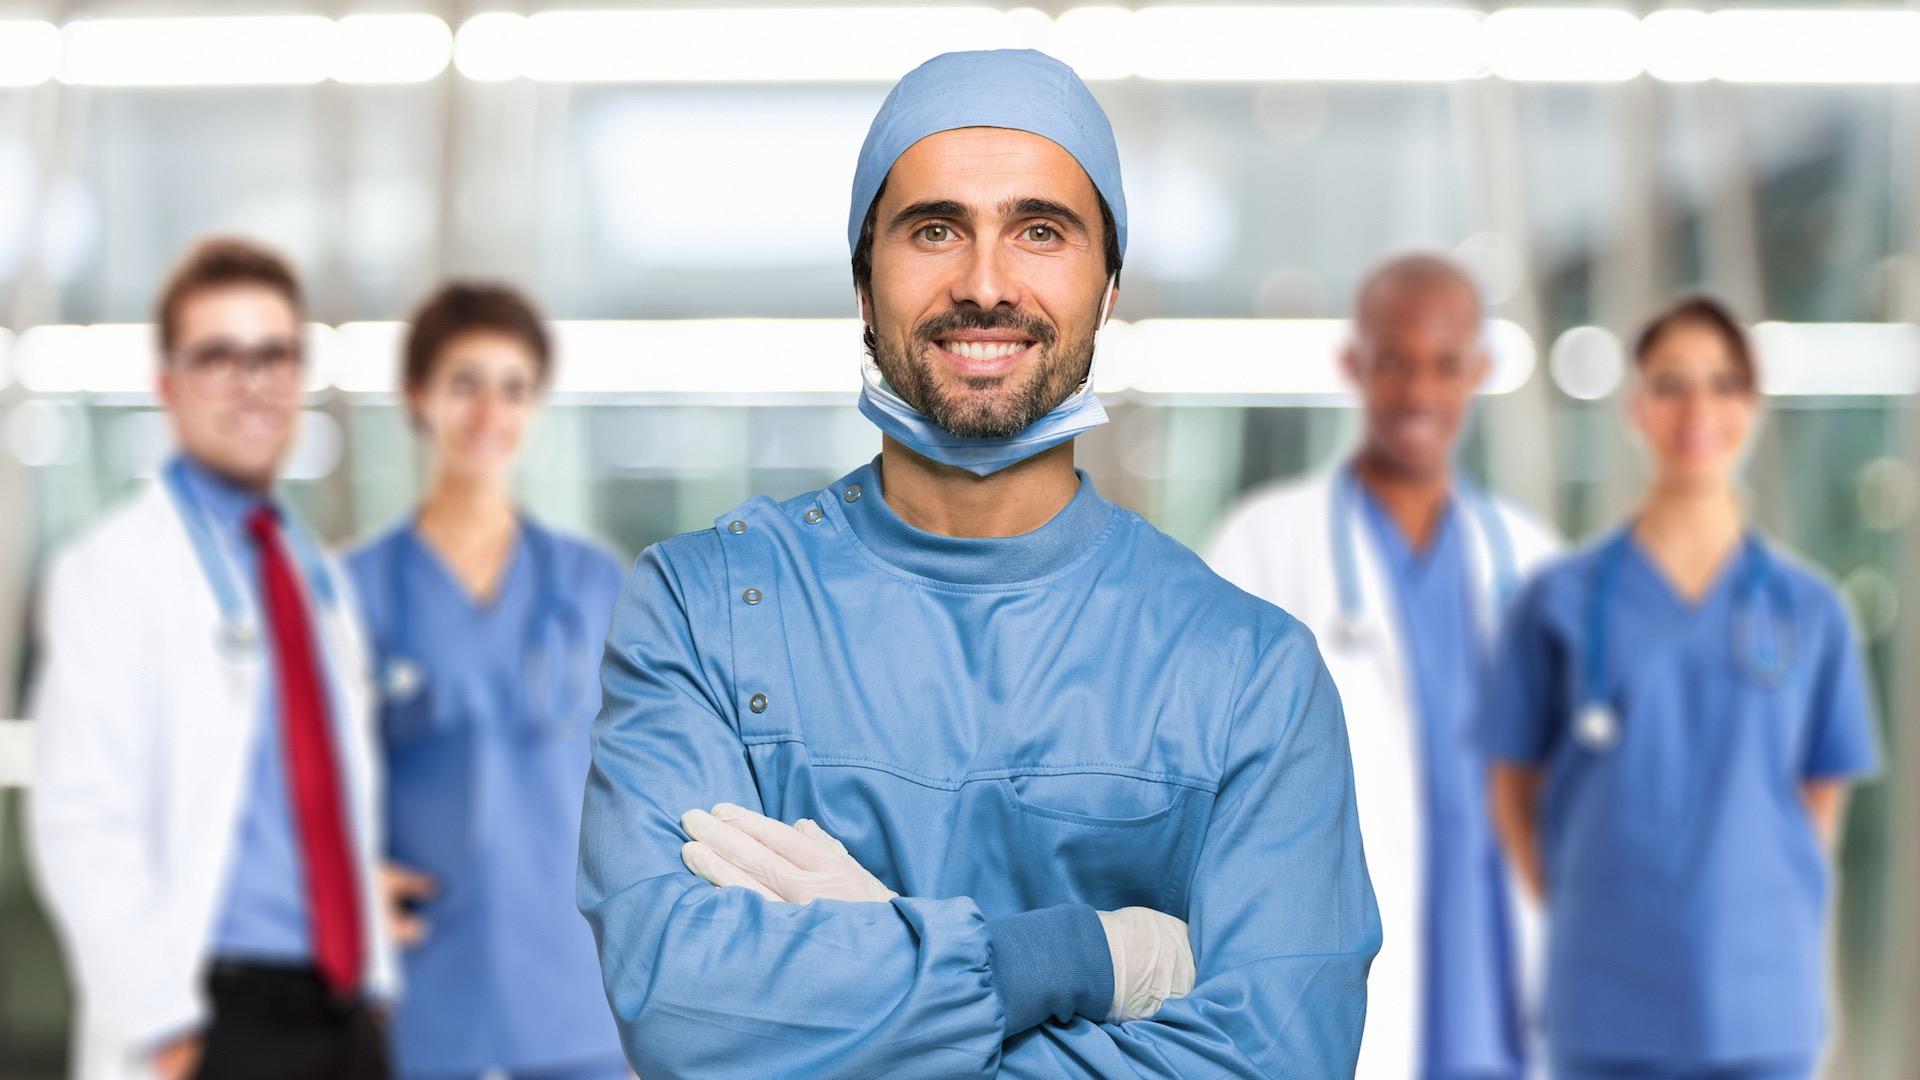 Salud y trabajo voluntario en Sicilia, Ruvolo: red esencial entre asociaciones